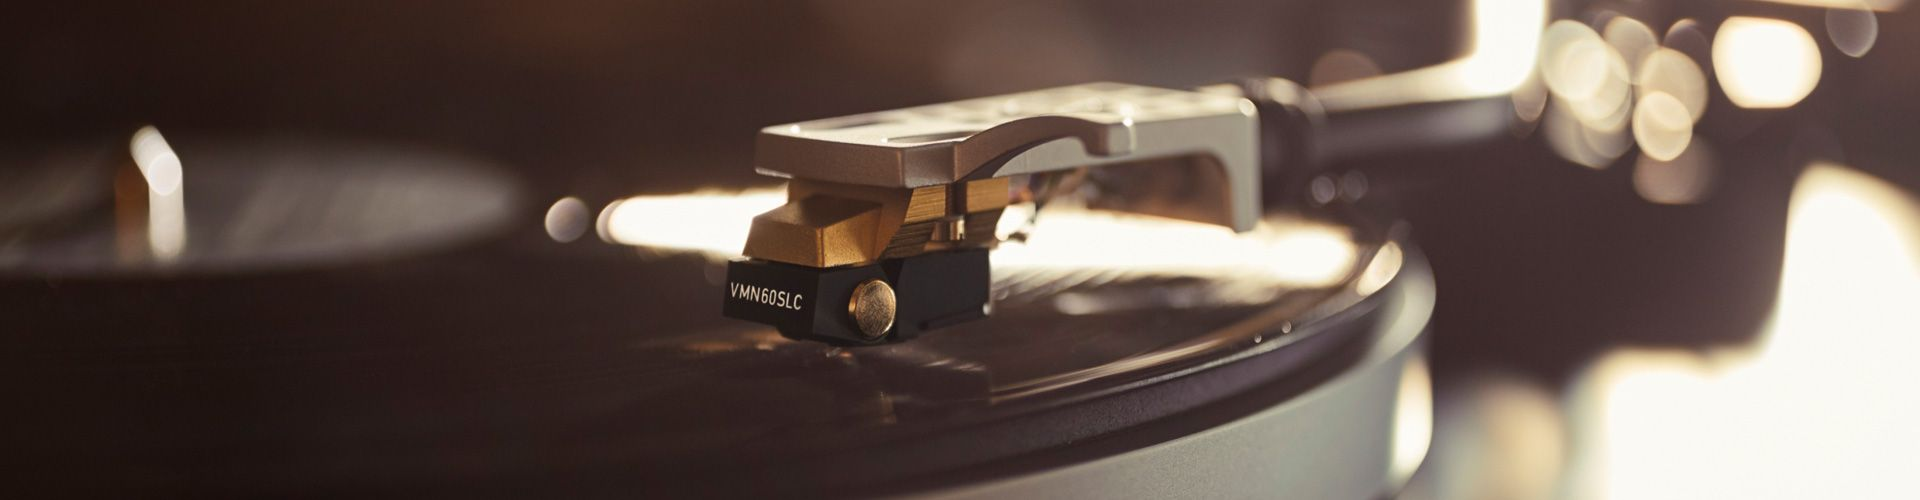 accessoires platines vinyles découvrez notre sélection au meilleur